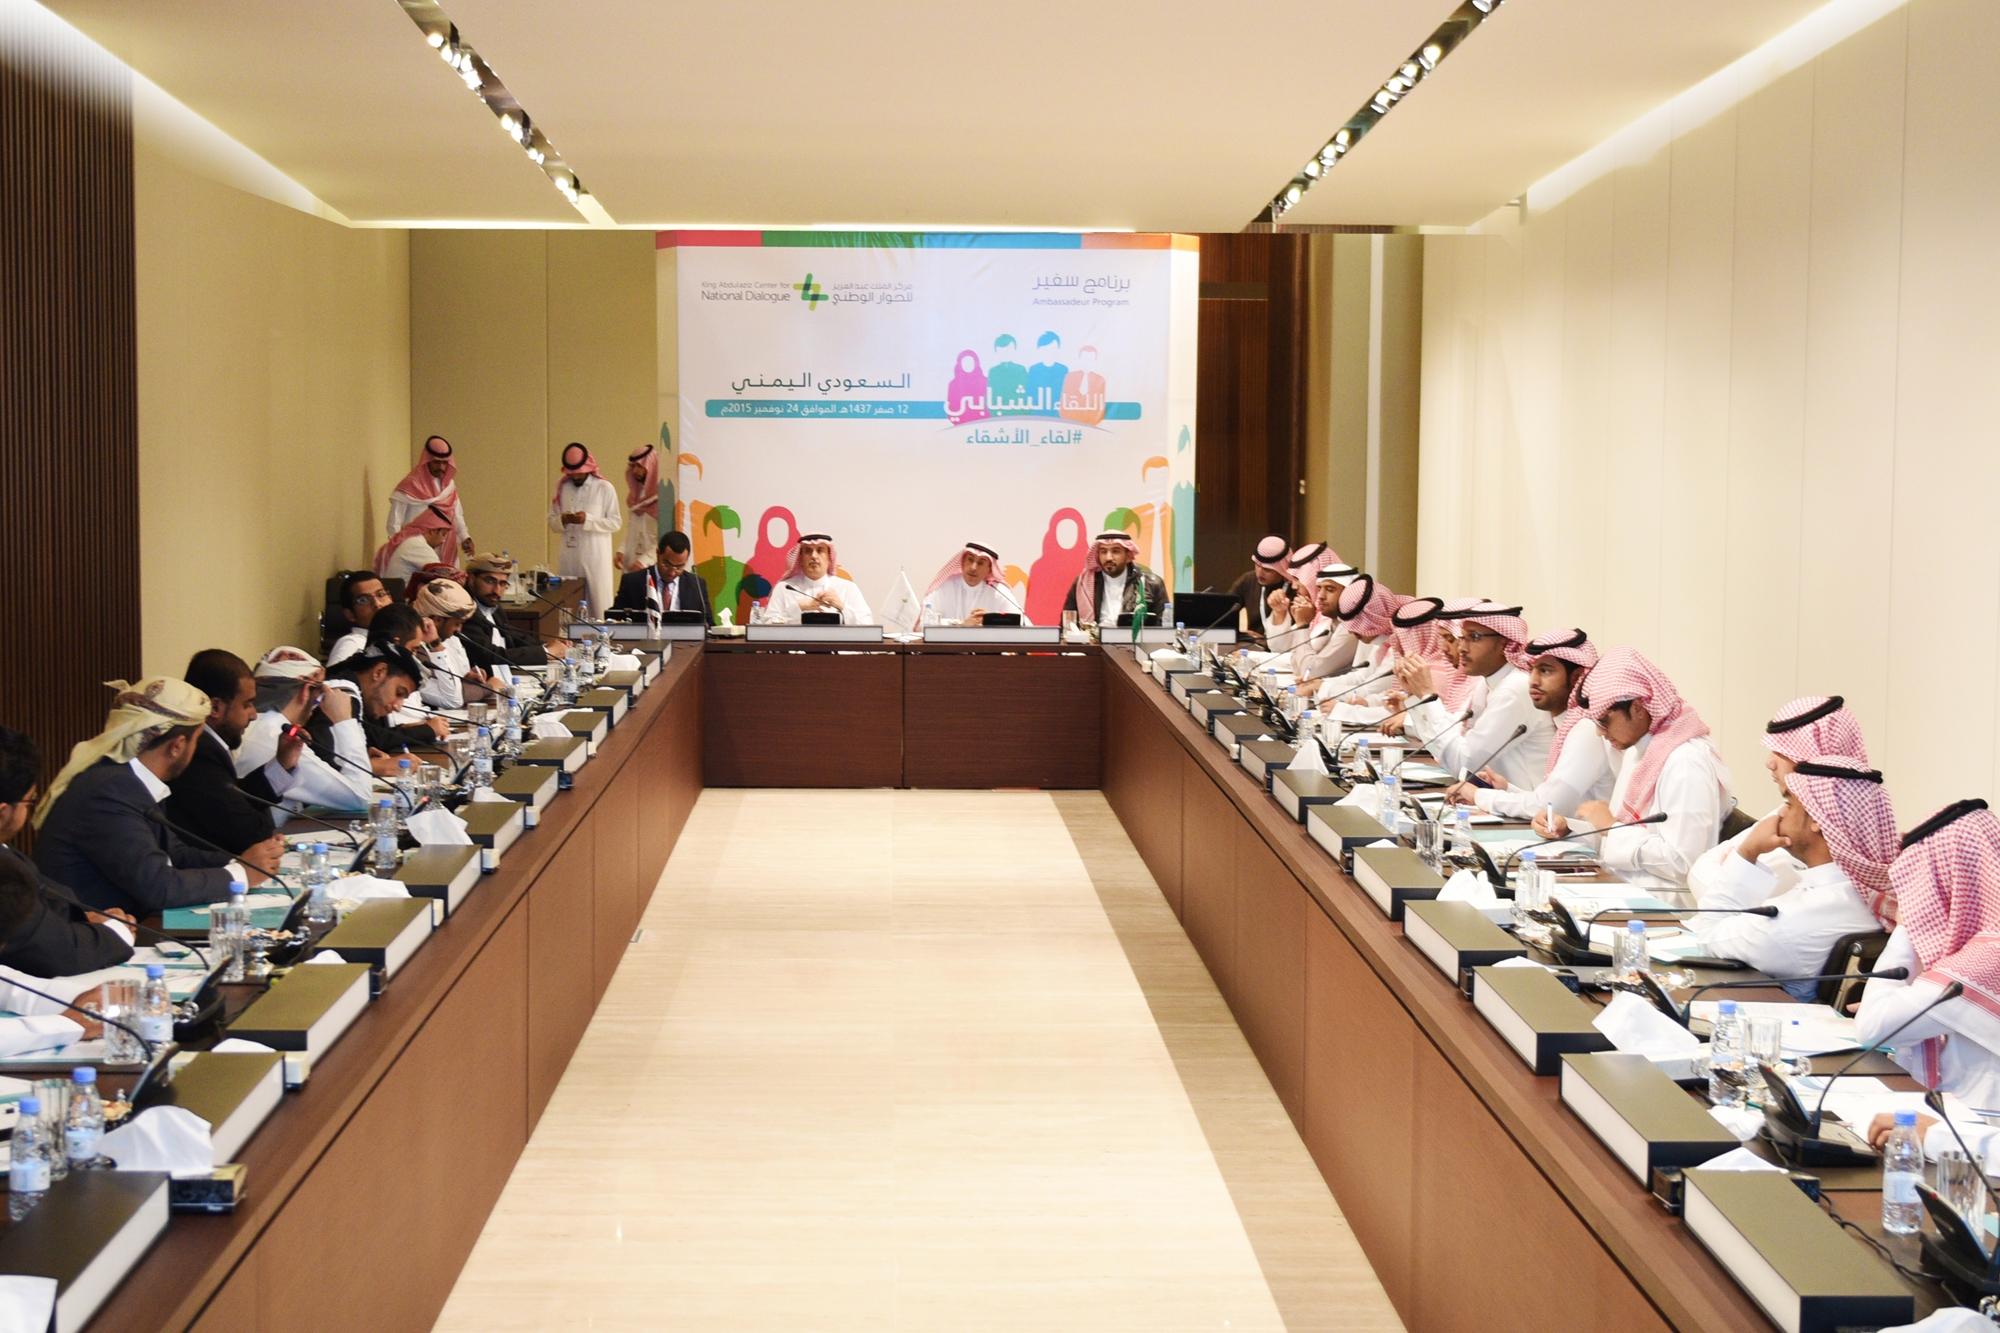 روابط التبادل الثقافي والحضاري بين الشباب السعودي واليمني (4)